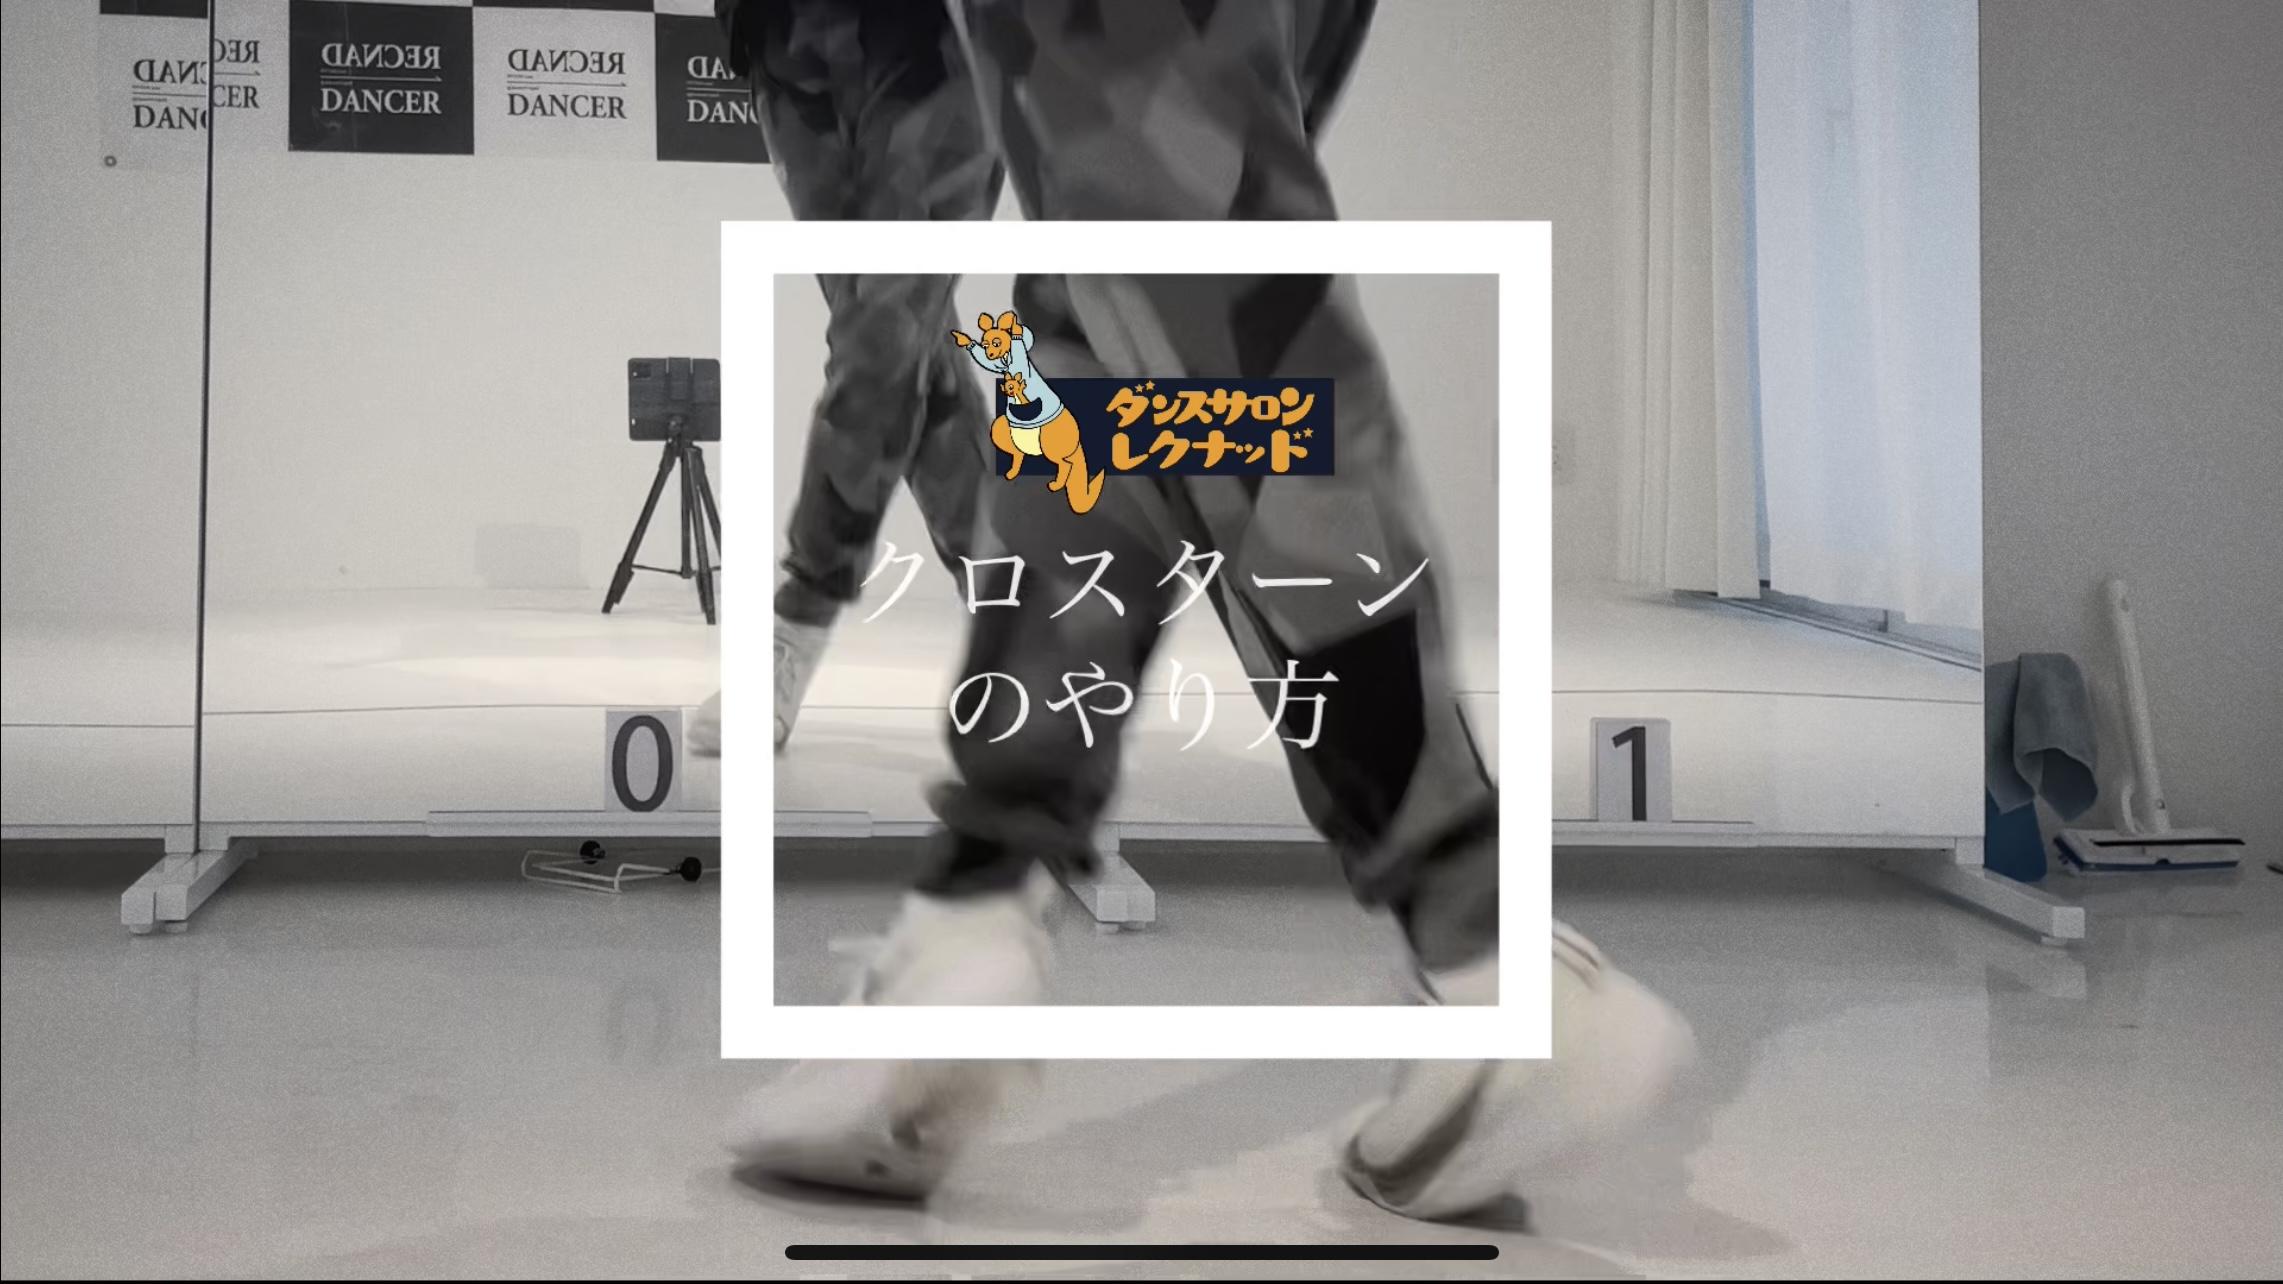 【ダンス動画】プロダンサーが教えるダンス ターン やり方